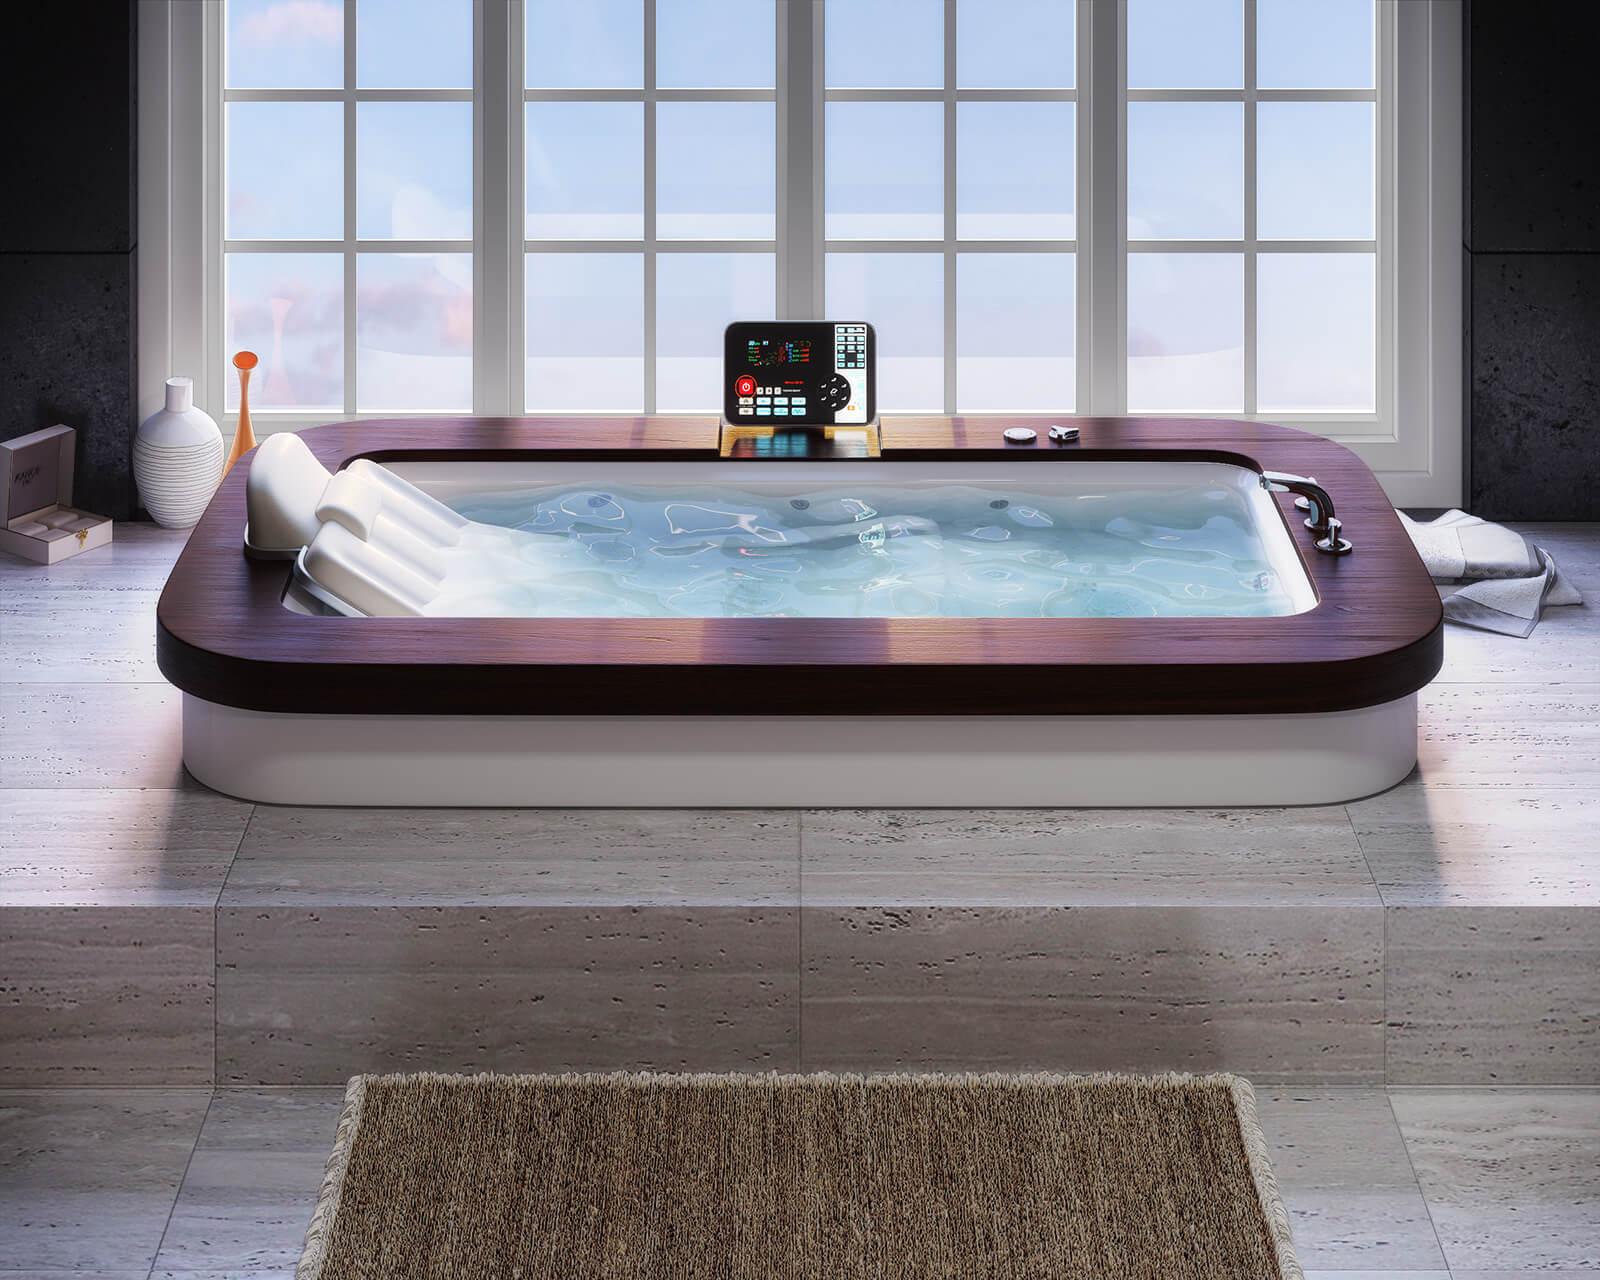 Futuristic Bathroom Suite & Kitchen Sinks | QS Supplies